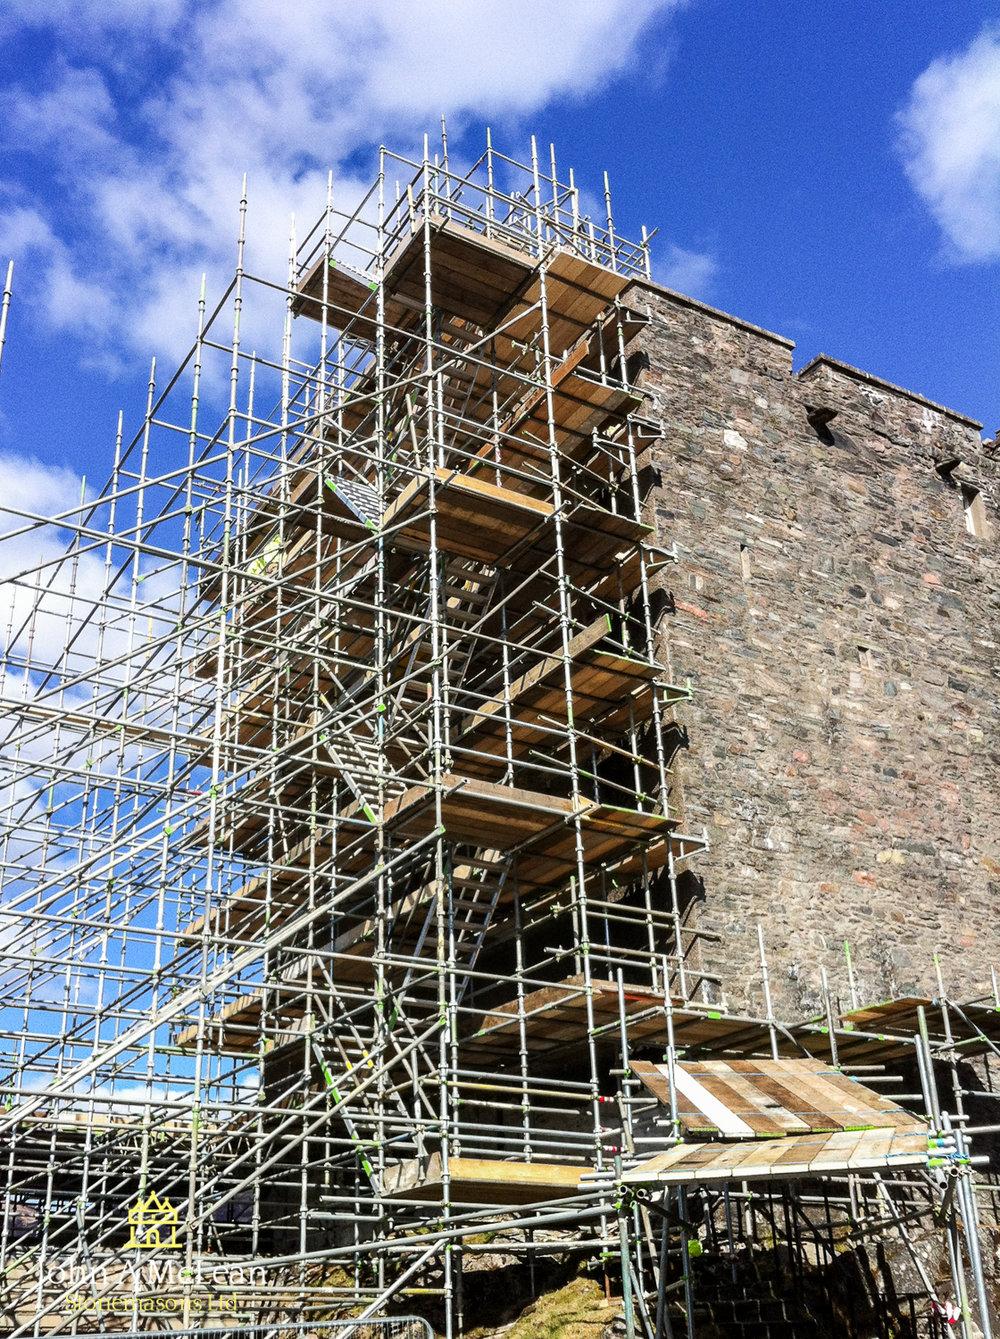 Eilean Donan Castle - main keep gable works